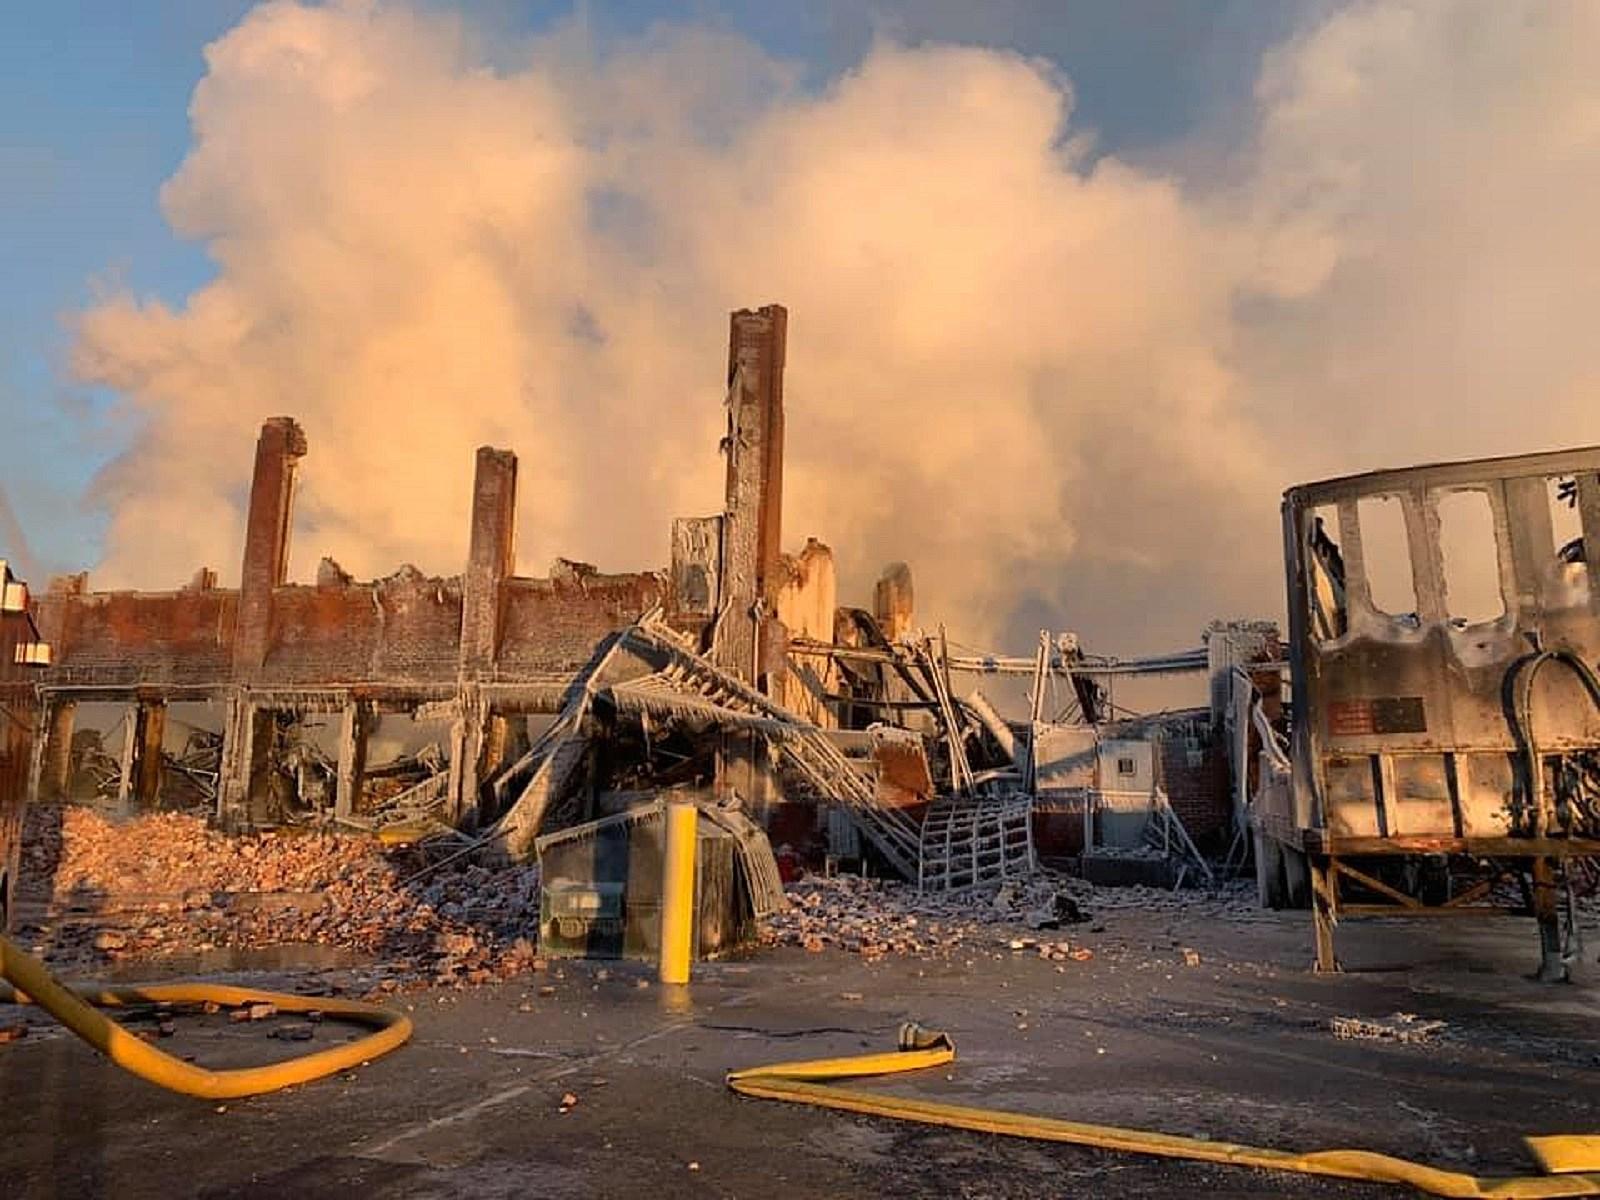 Llave Día del Niño Ambientalista  Borough spent $185,000 fighting fire at landmark Marcal factory